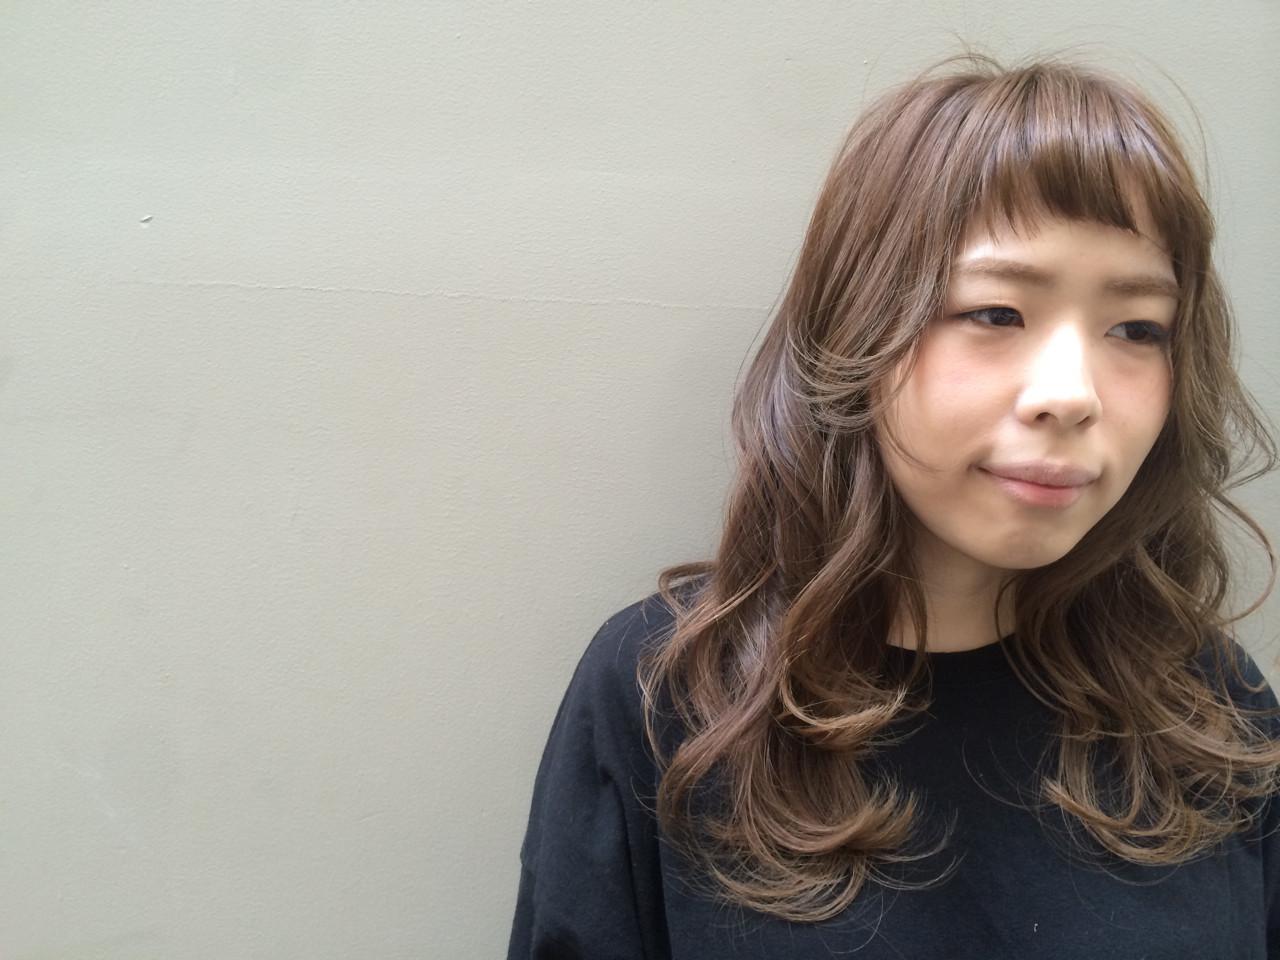 短め前髪がかわいいパーマロング 杉田 麻美